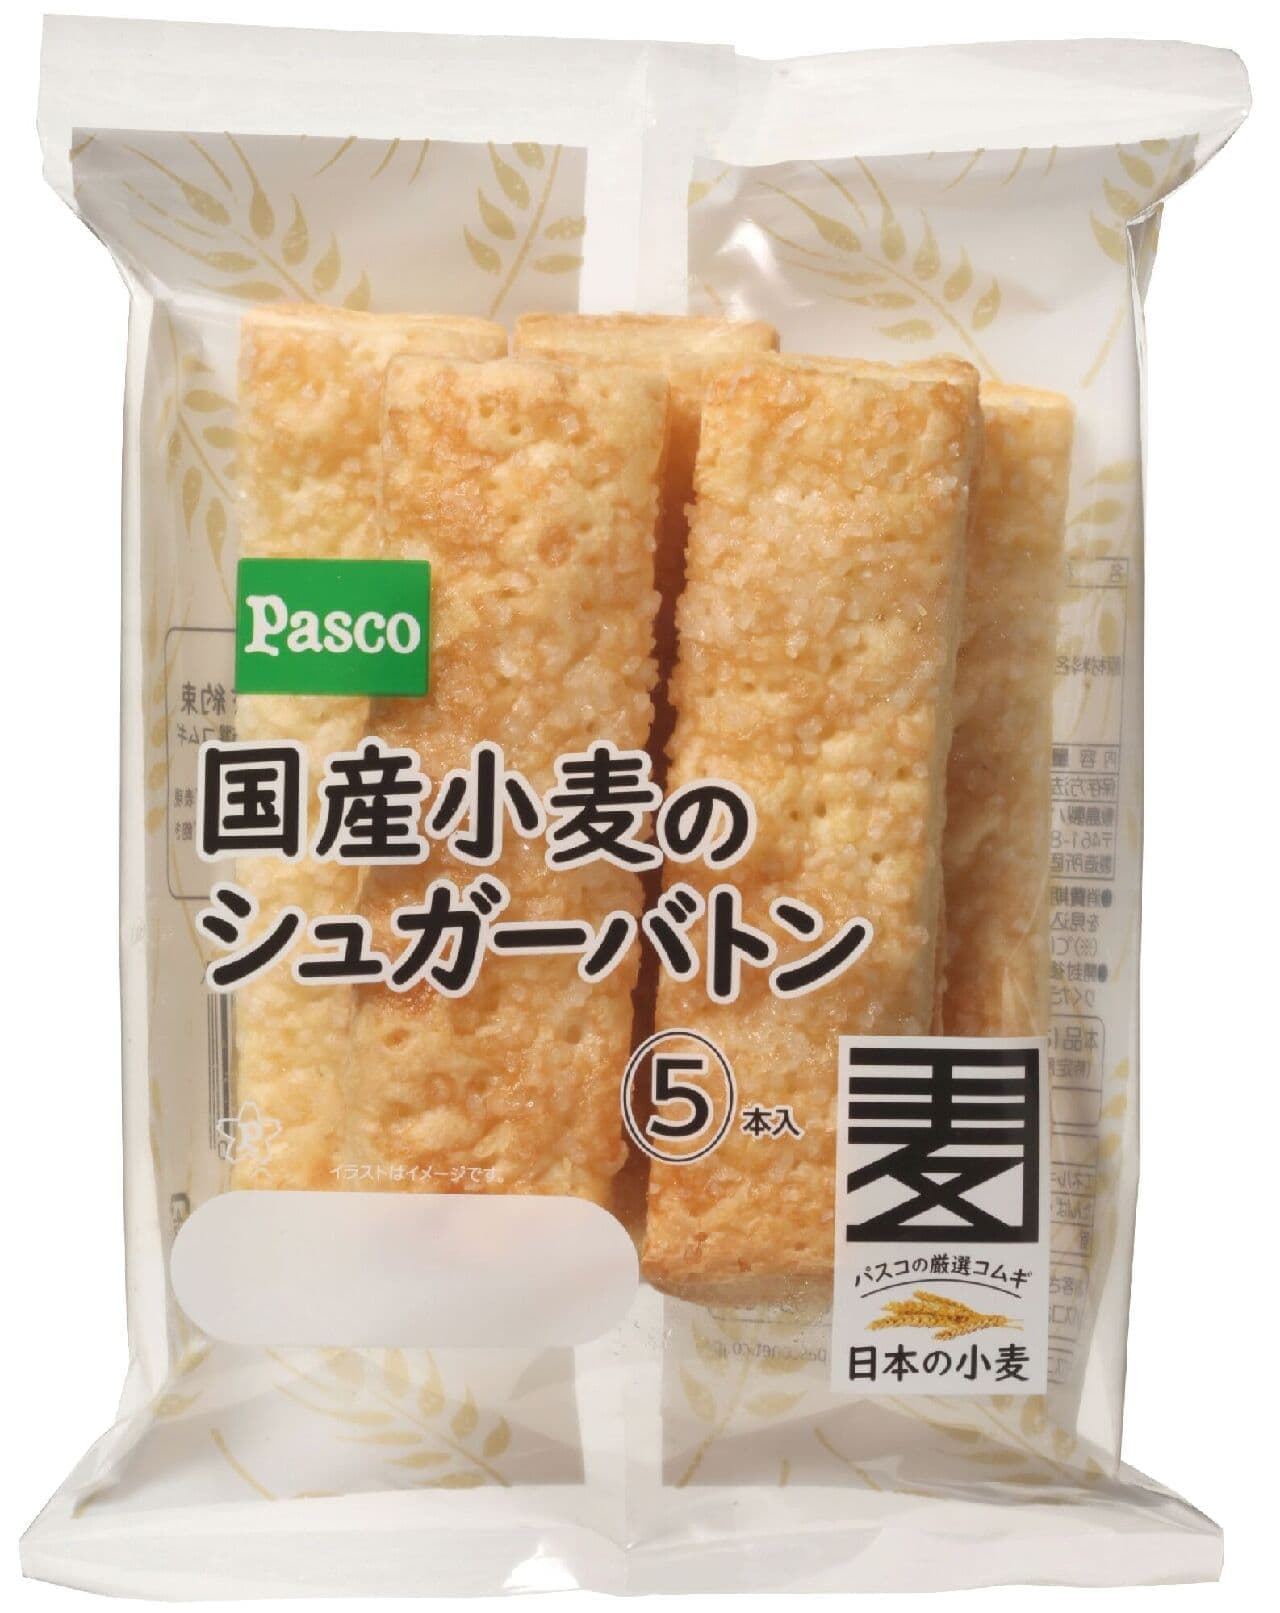 パスコ「国産小麦のシュガーバトン5本入」